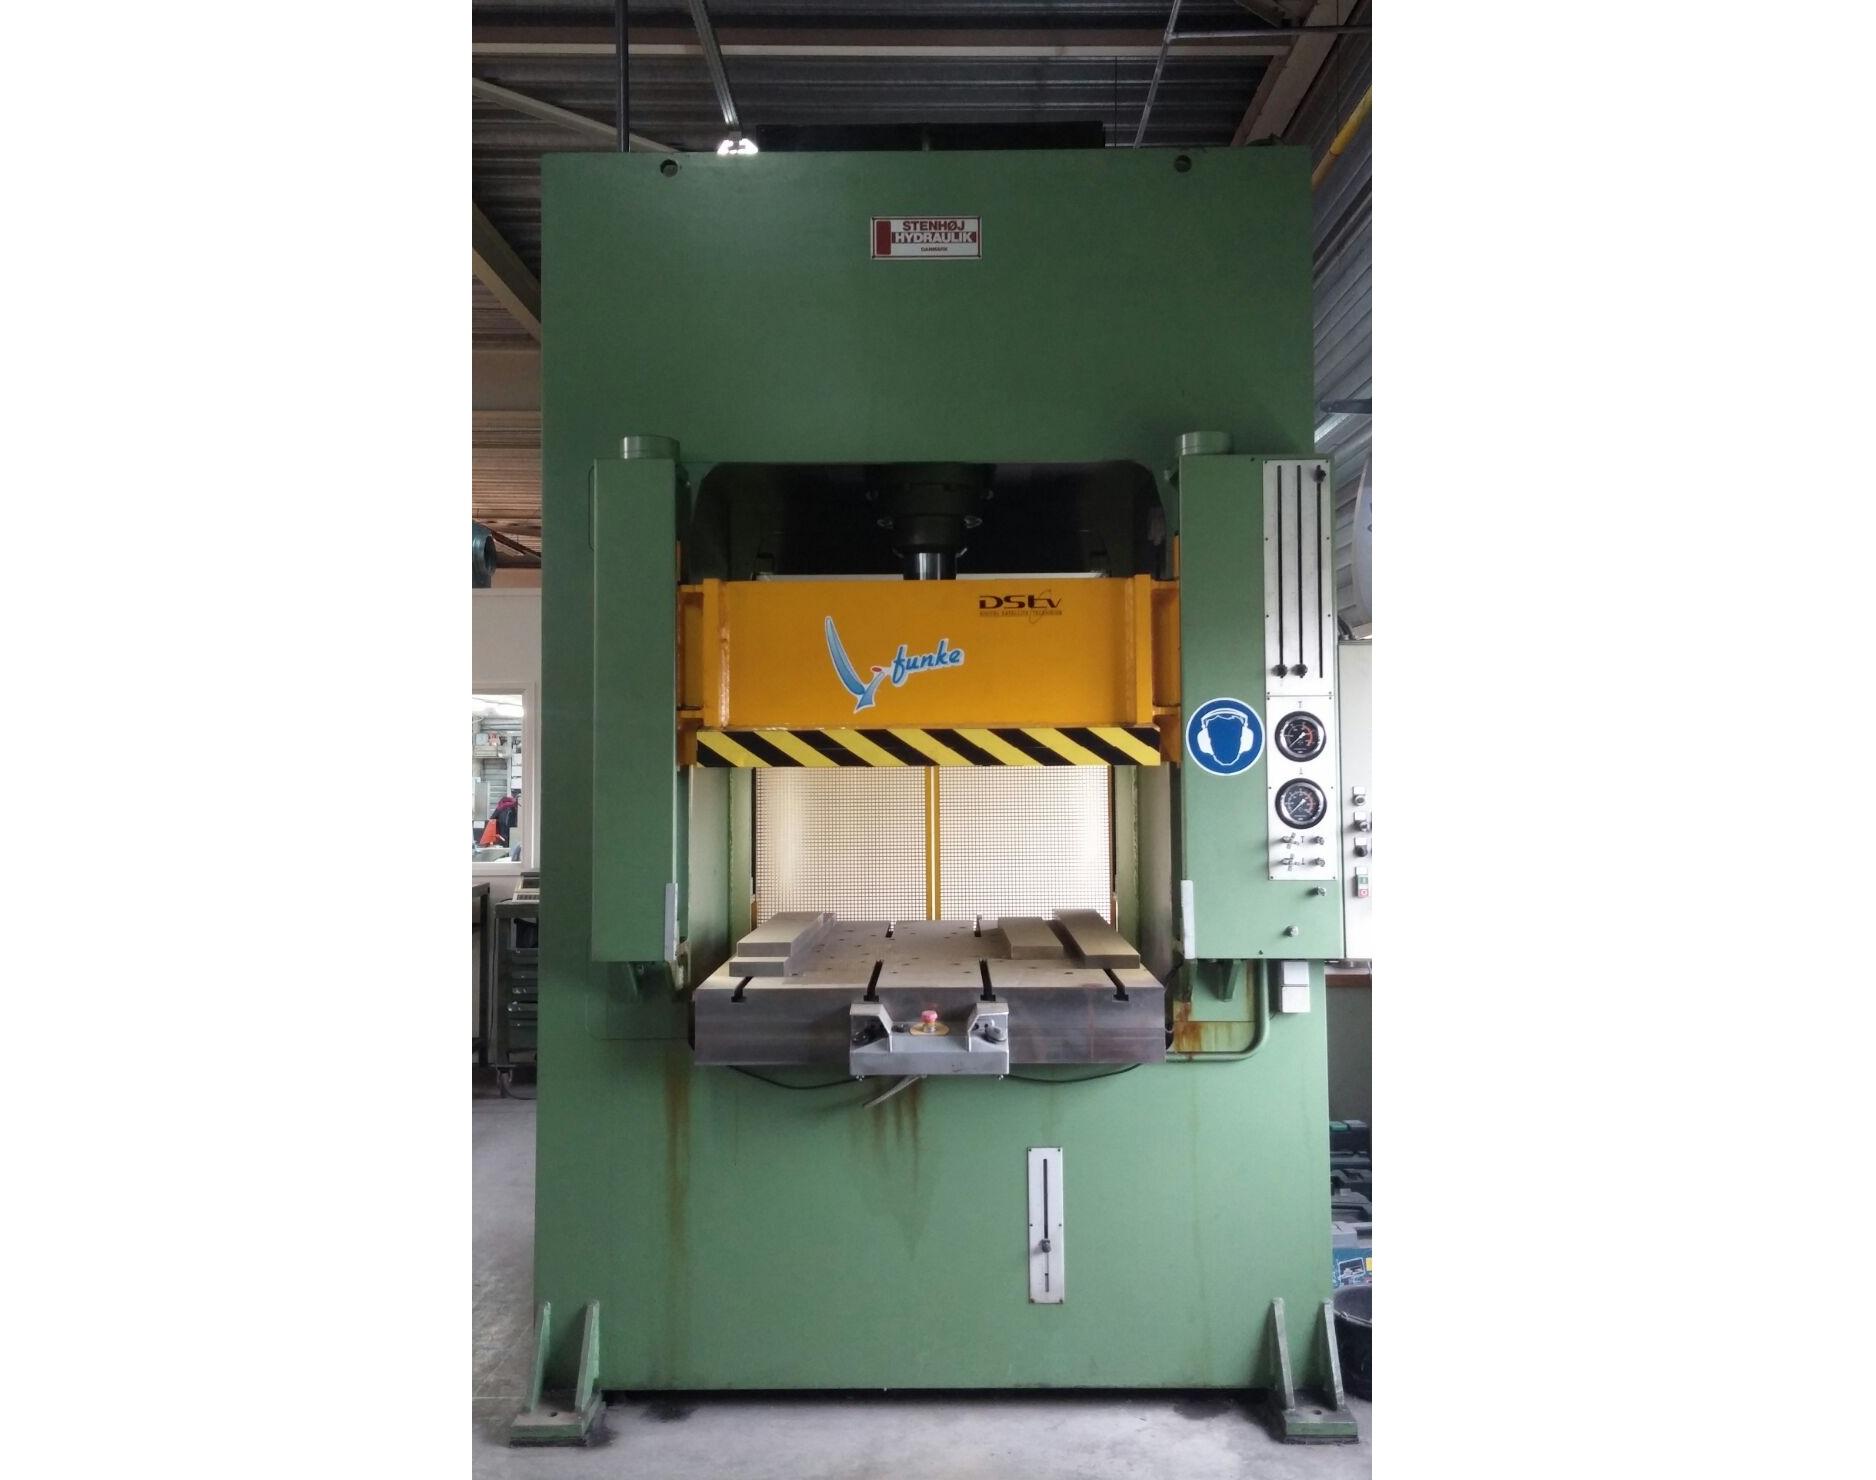 Stenhoj 150 T LP 4 metal press - Exapro